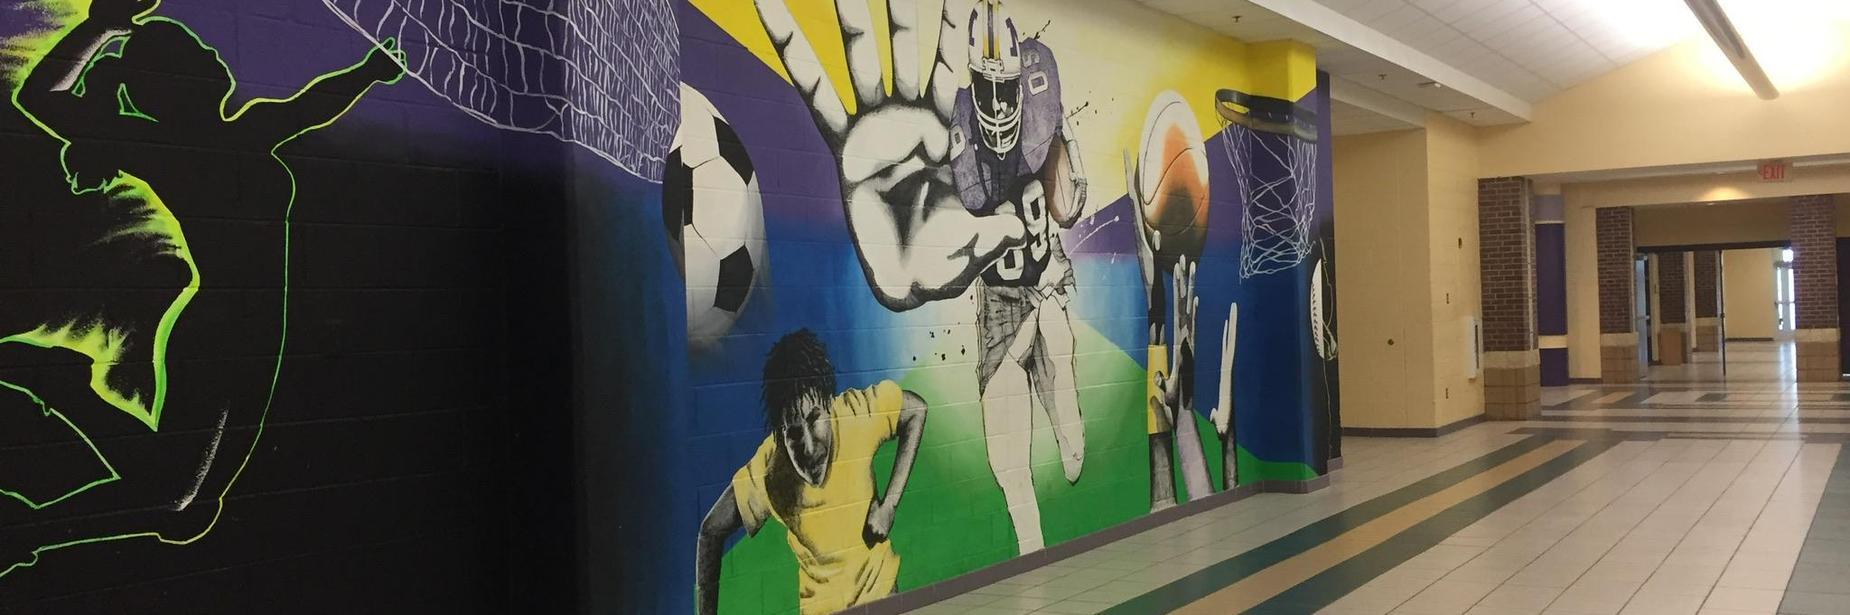 mhs sports mural